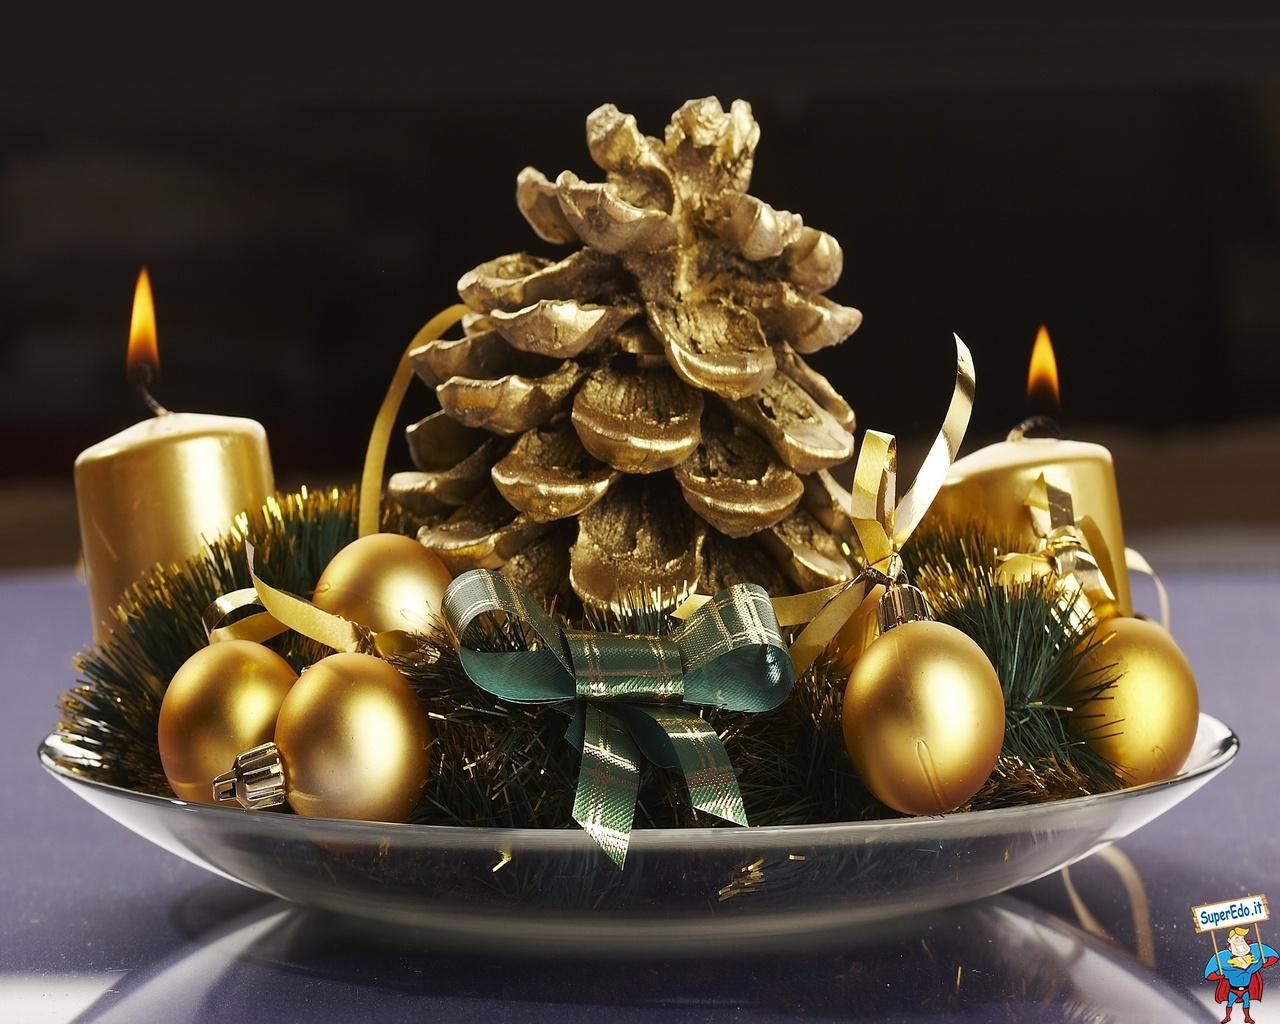 Decorazioni Natalizie Low Cost centrotavola natalizio: idee originali e low cost per